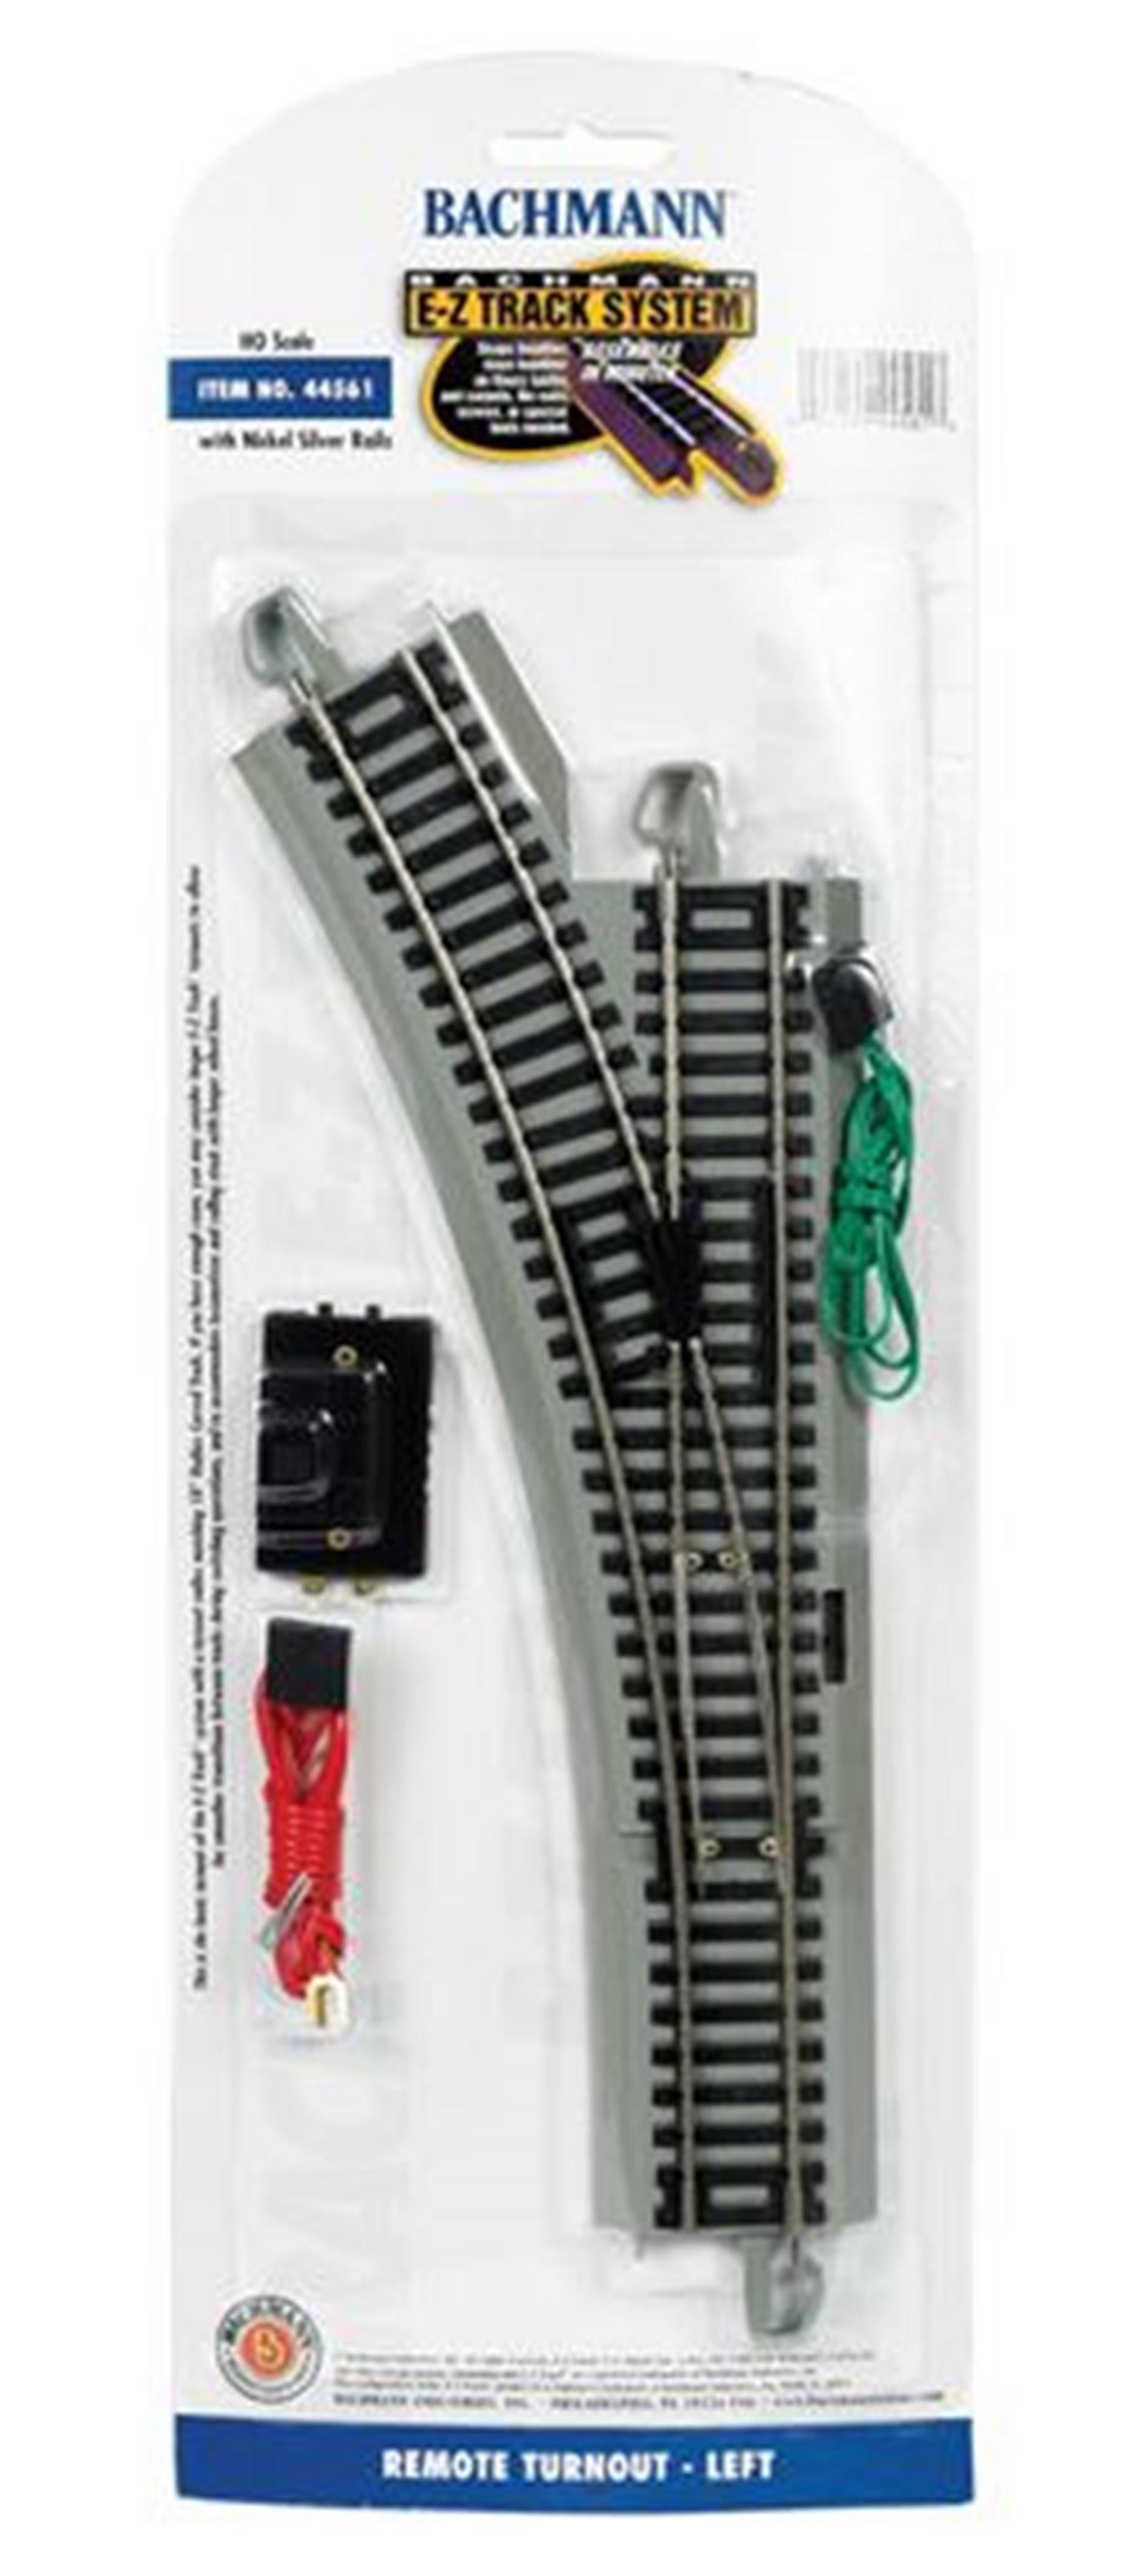 E-Z Track Remote Turnout Left (1/Card)